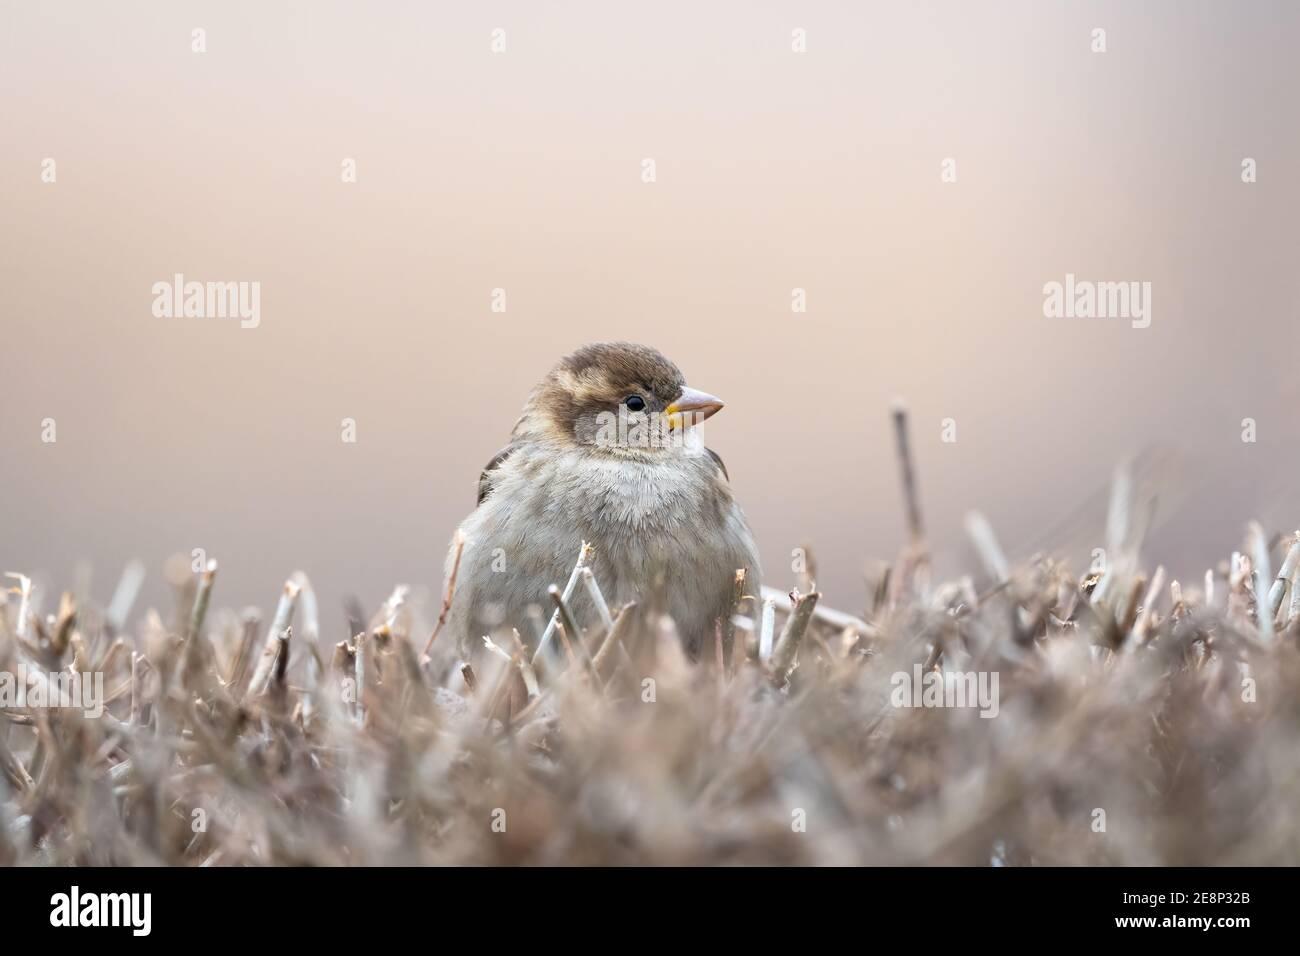 Casa Sparrow, Passer domesticus, de pie sobre un arbusto con un fondo borroso agradable Foto de stock